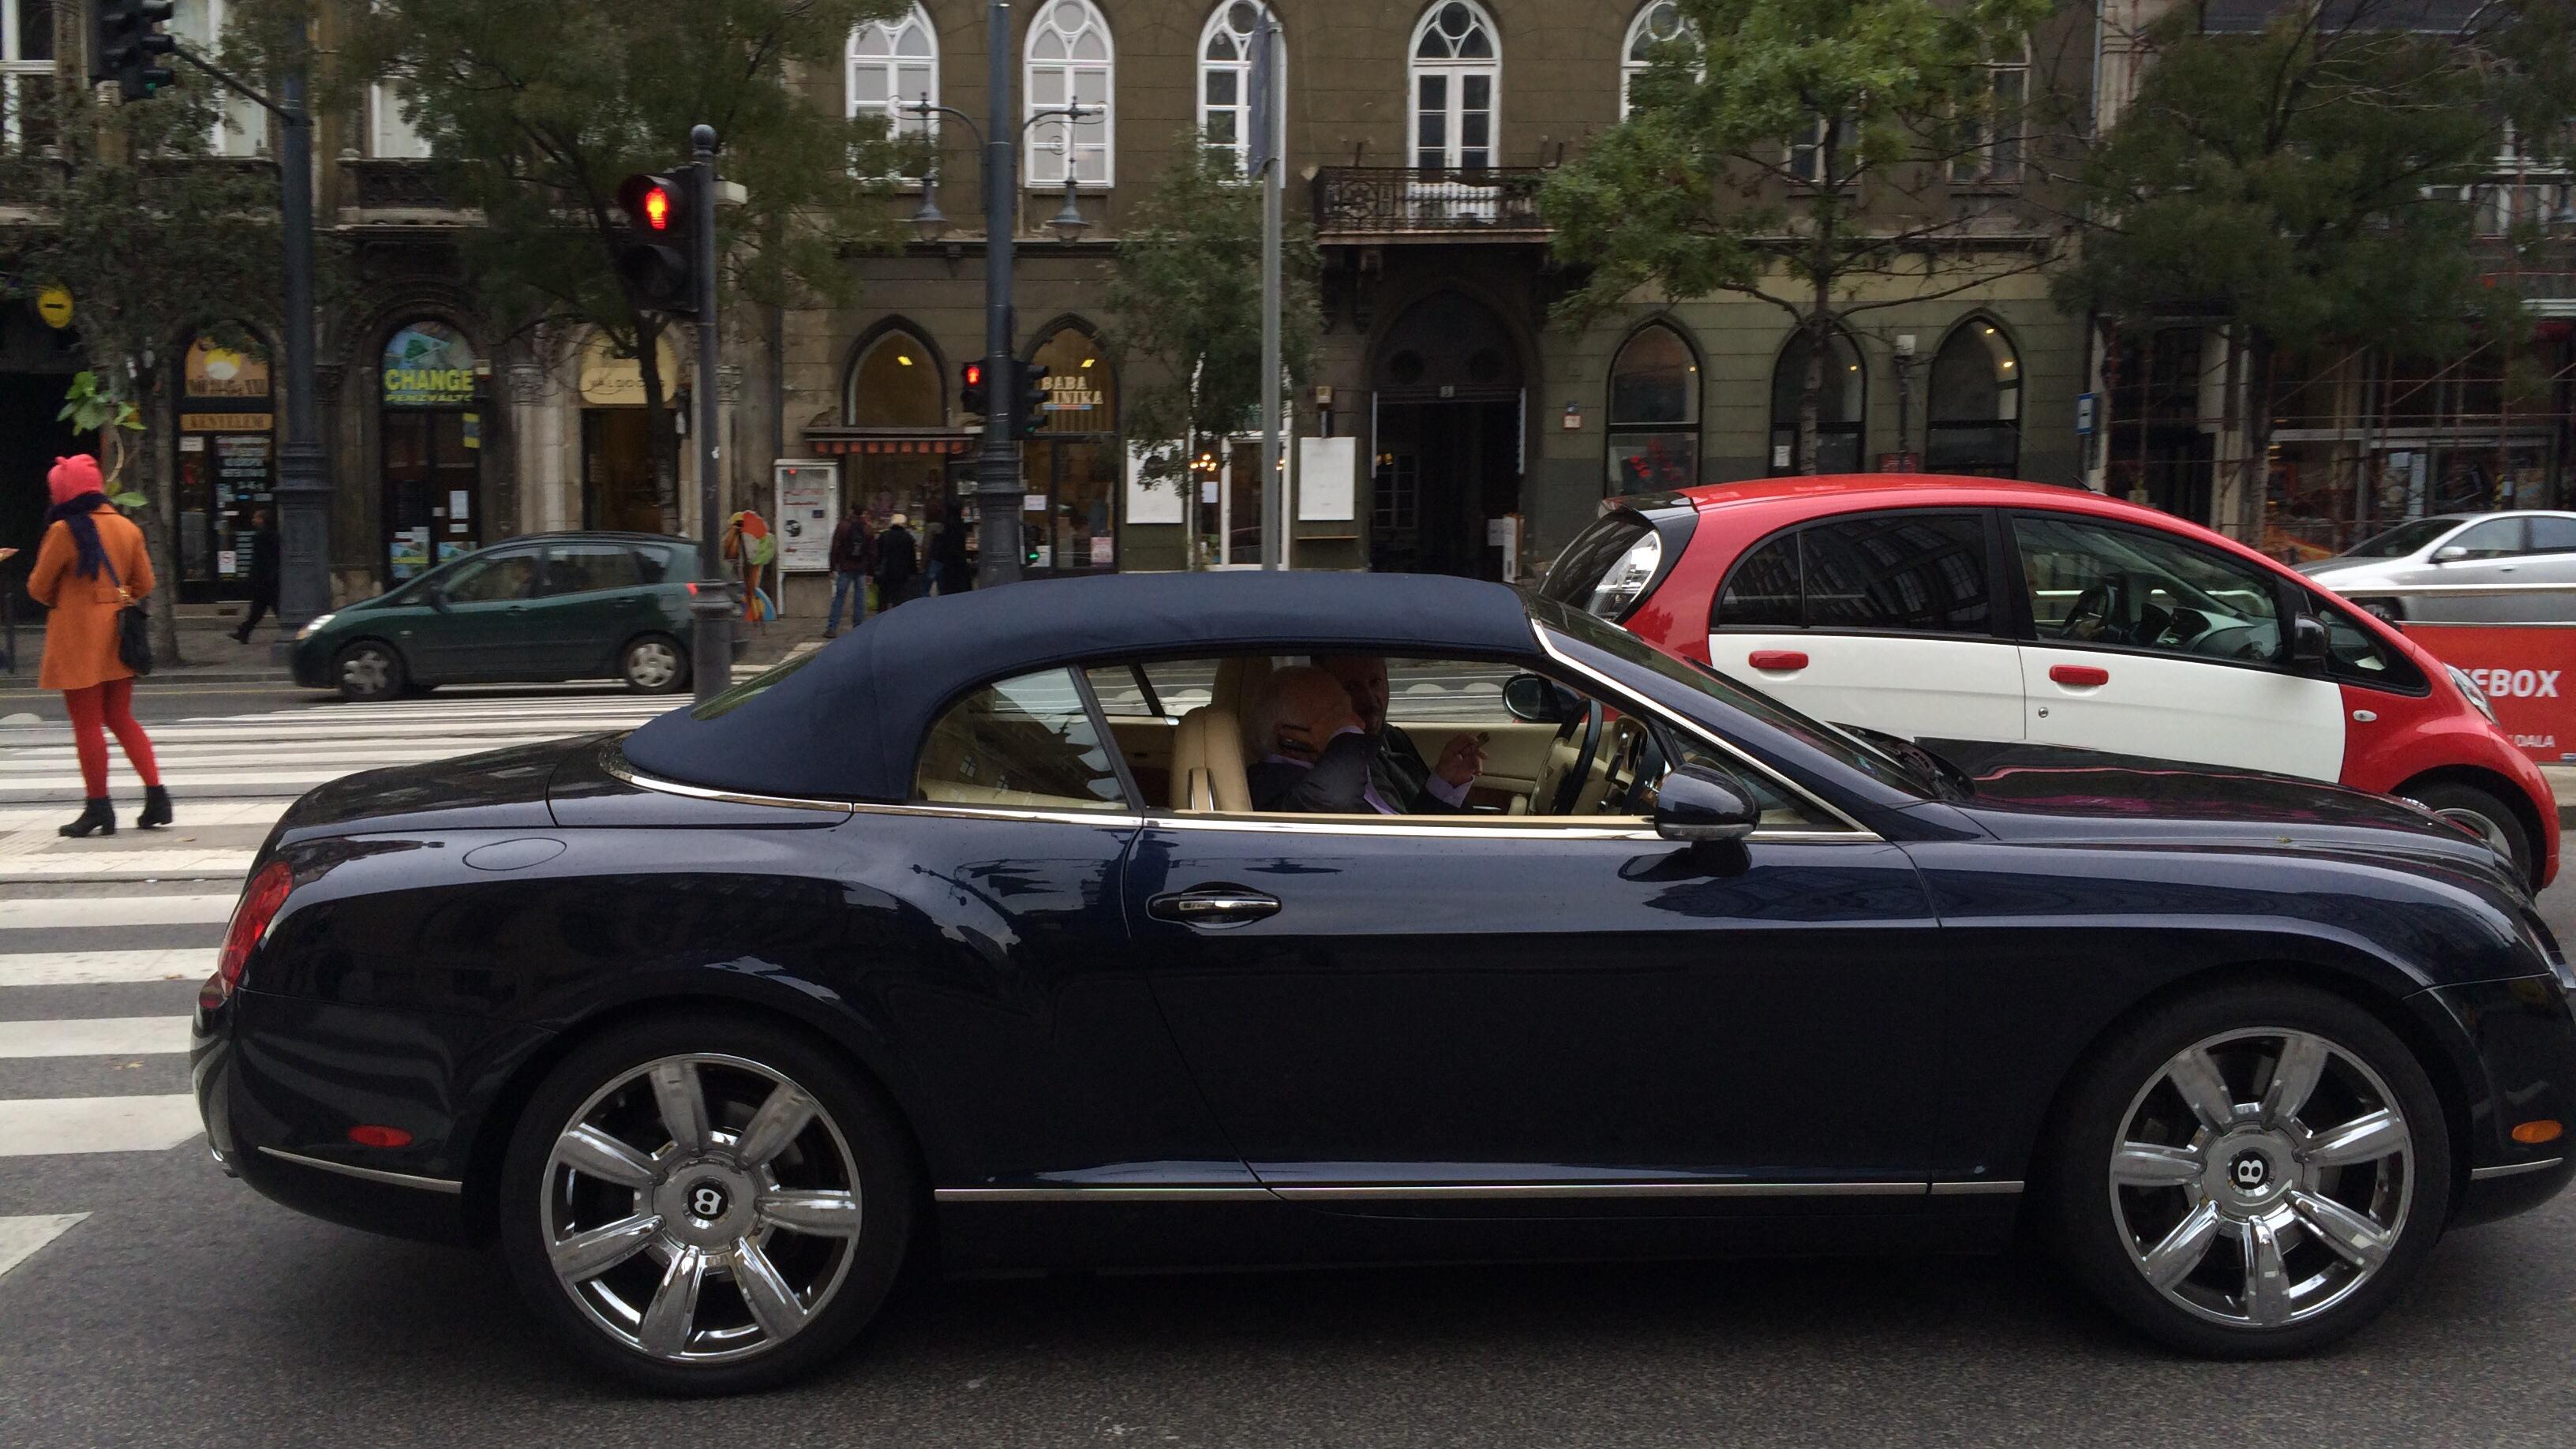 Soha nem találnád ki, hogy ki szivarozik ebben a sötét Bentley kabrióban a Kálvin téren